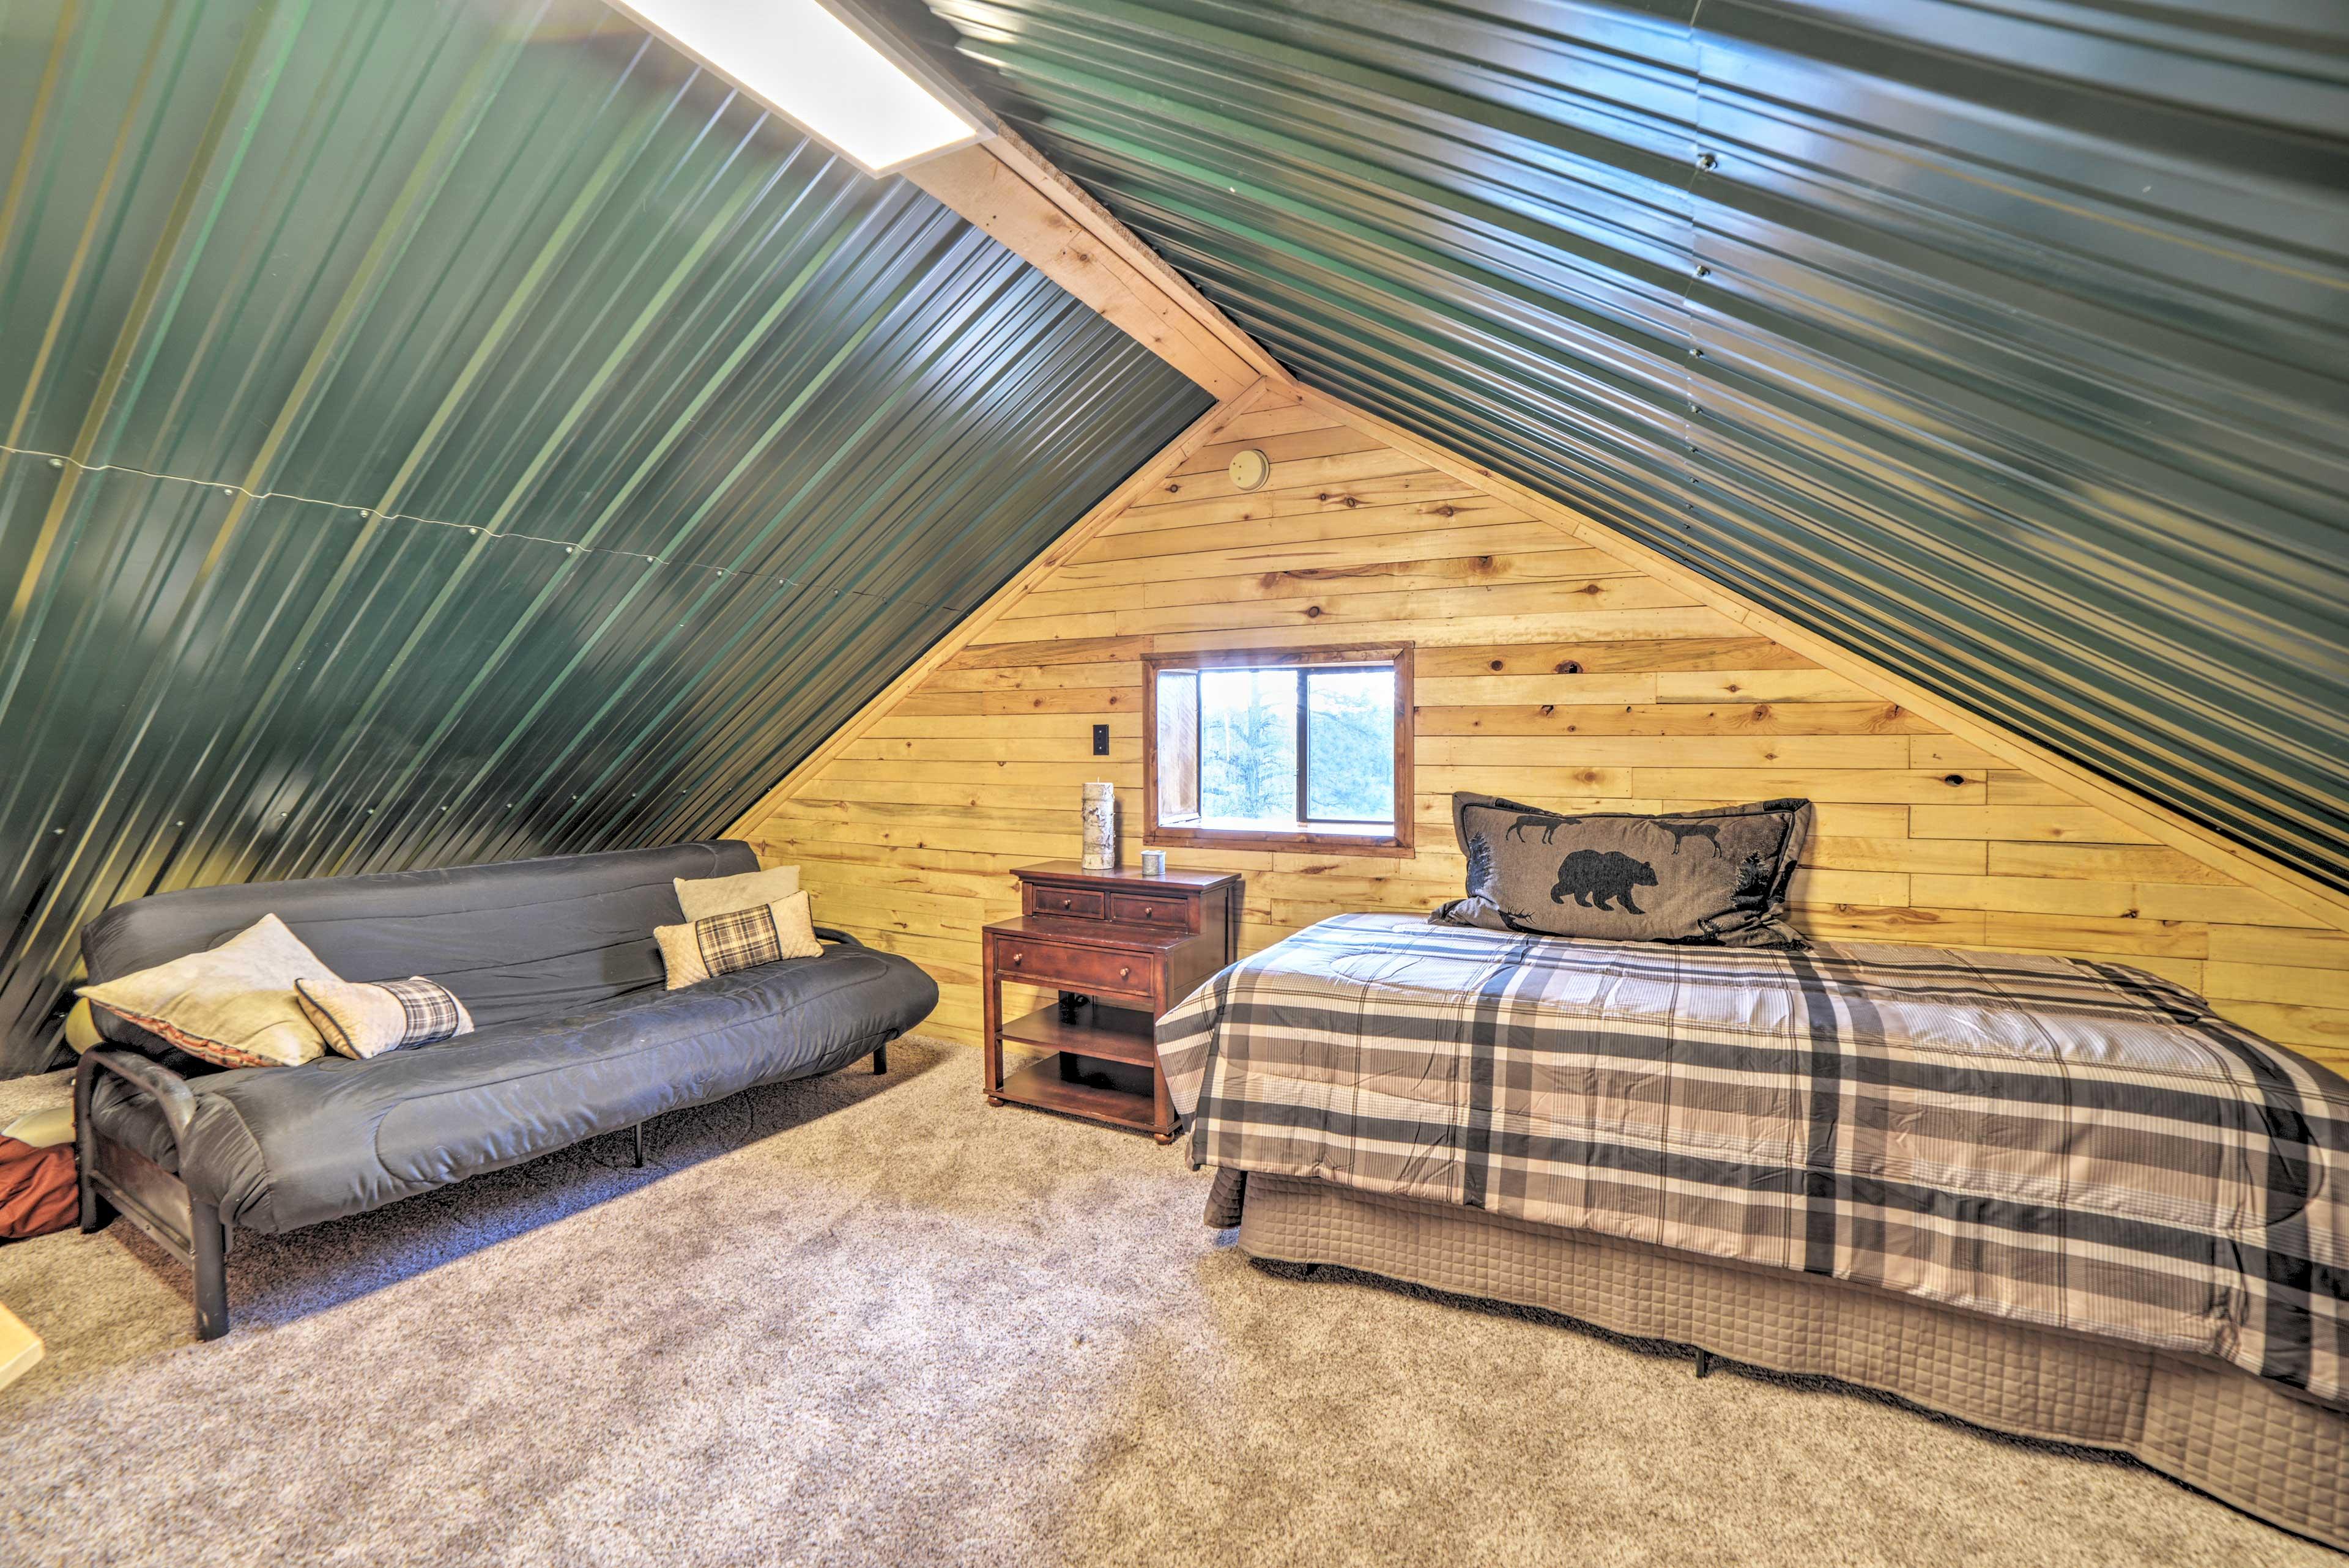 Loft | XL Twin Bed | Full Futon